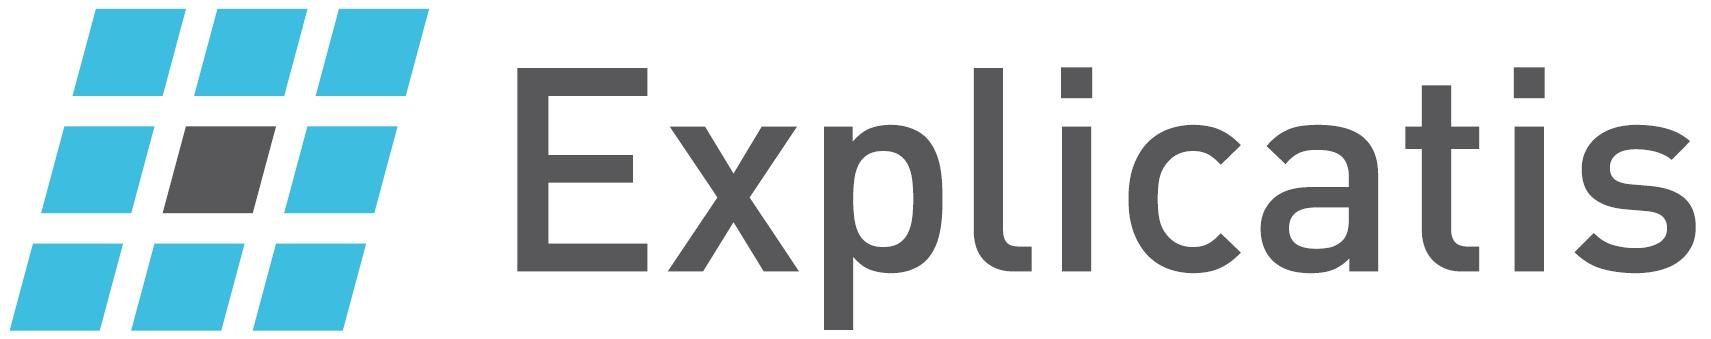 PHP 5 ist am Ende! Mit Explicatis jetzt auf PHP 7 umsteigen